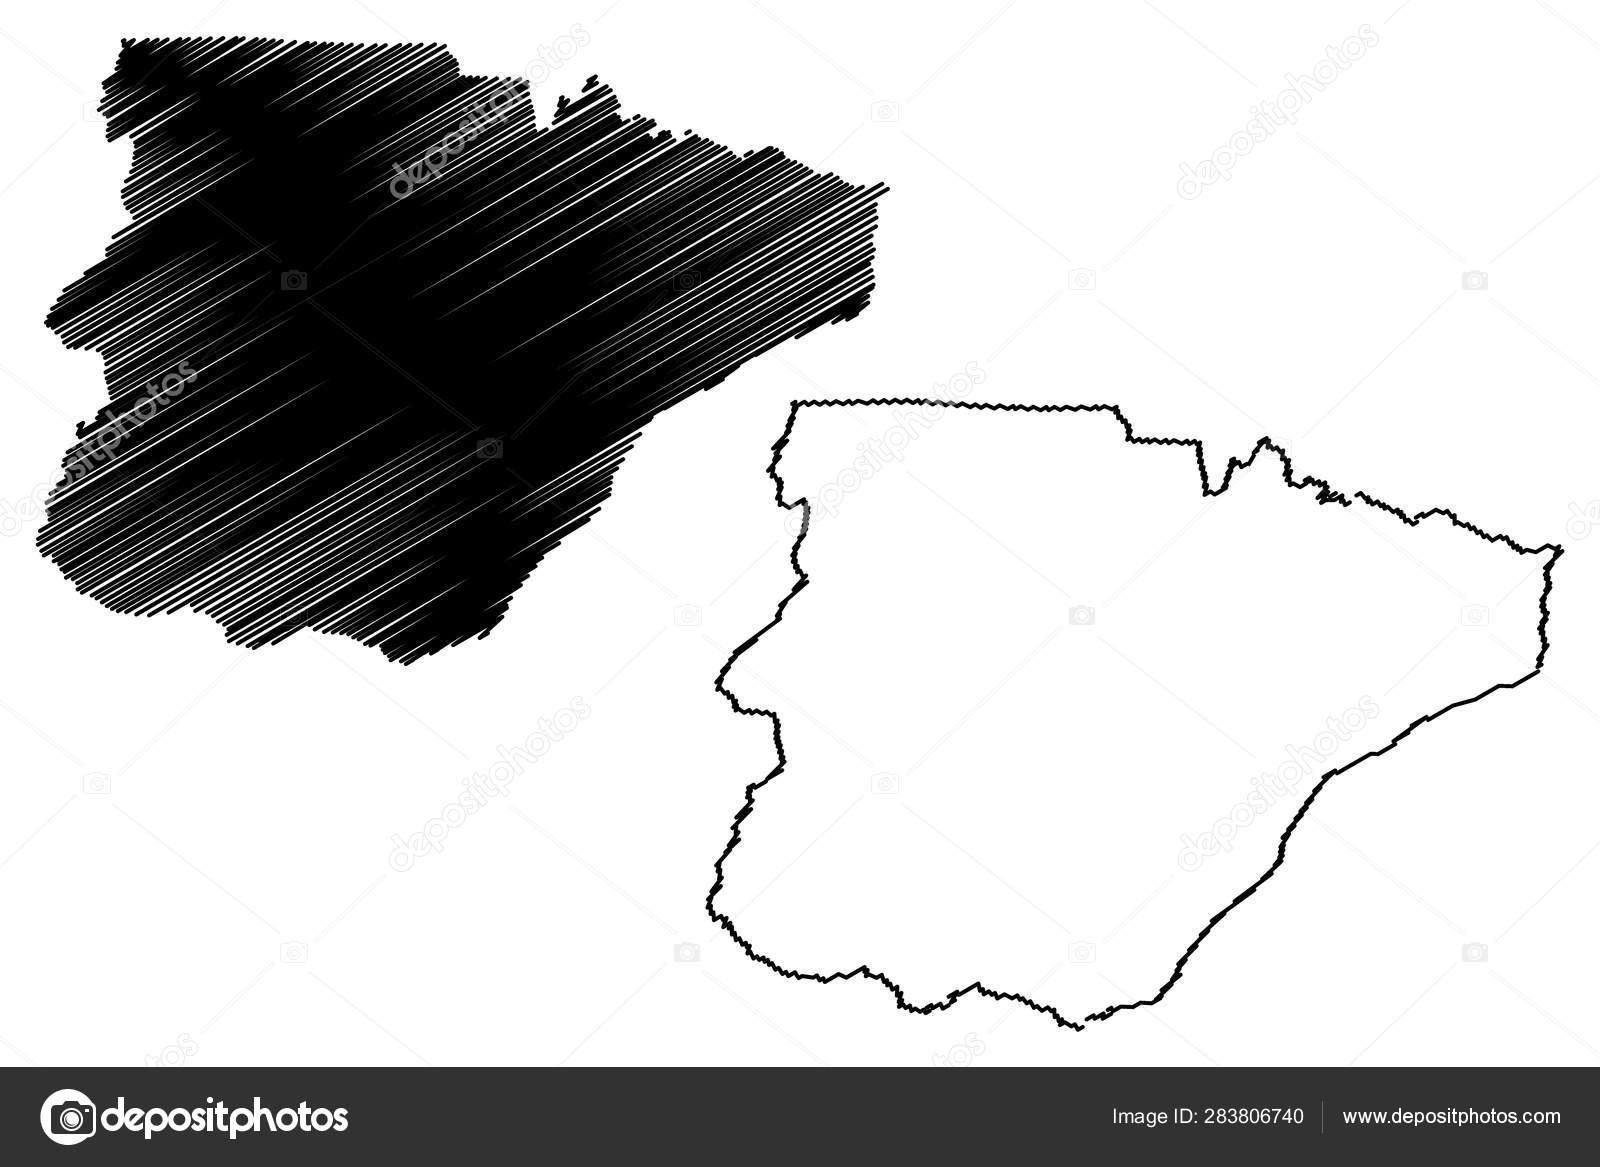 Southern Province (Provinces of Zambia, Republic of Zambia ...